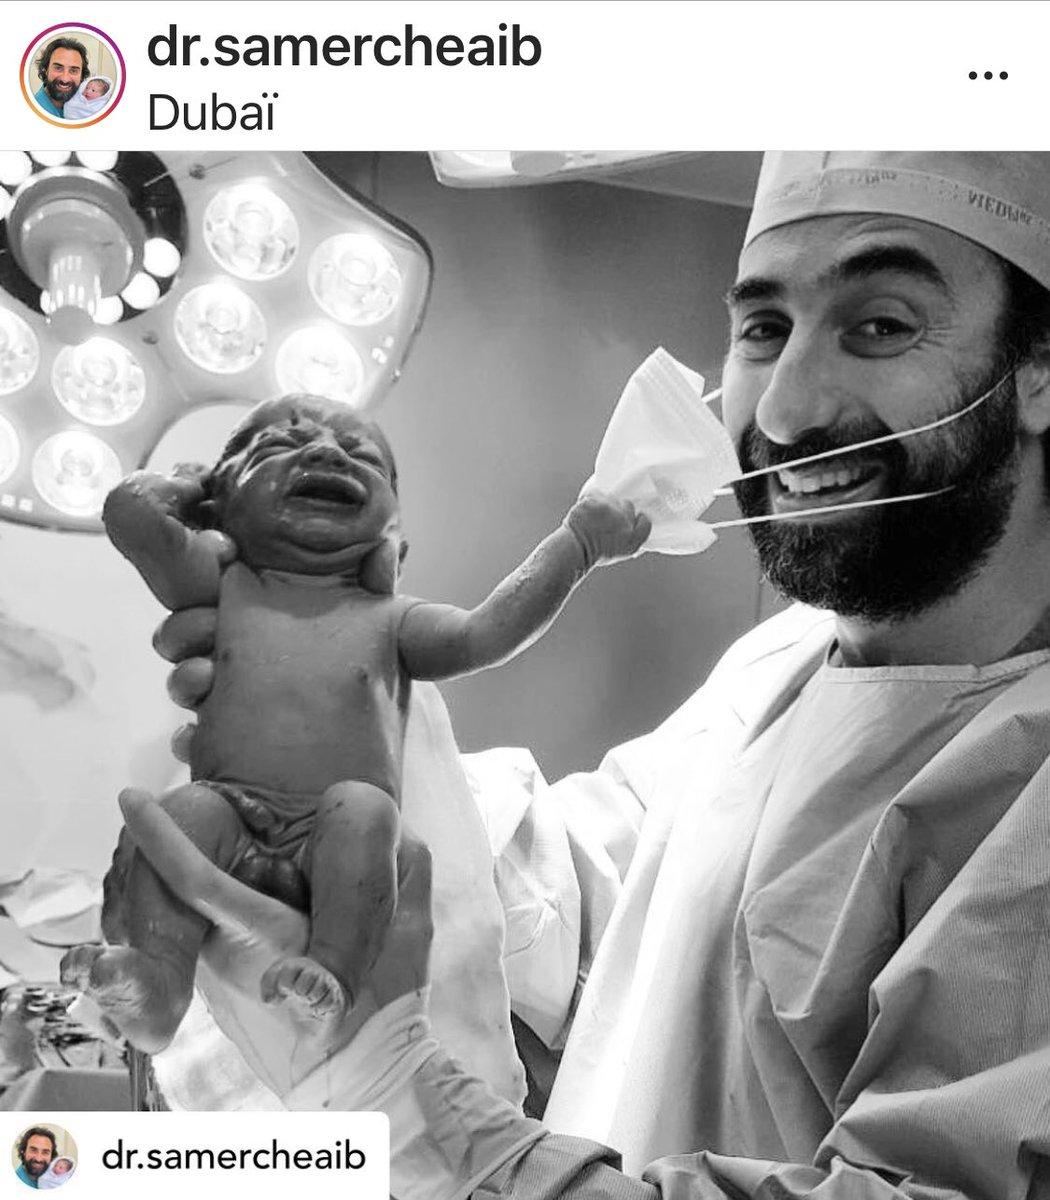 Photo insolite publiée par un  gynécologue libanais de Dubaï sur son compte Instagram #coronavirus #naissance #masque https://t.co/4OpA8C0QIE